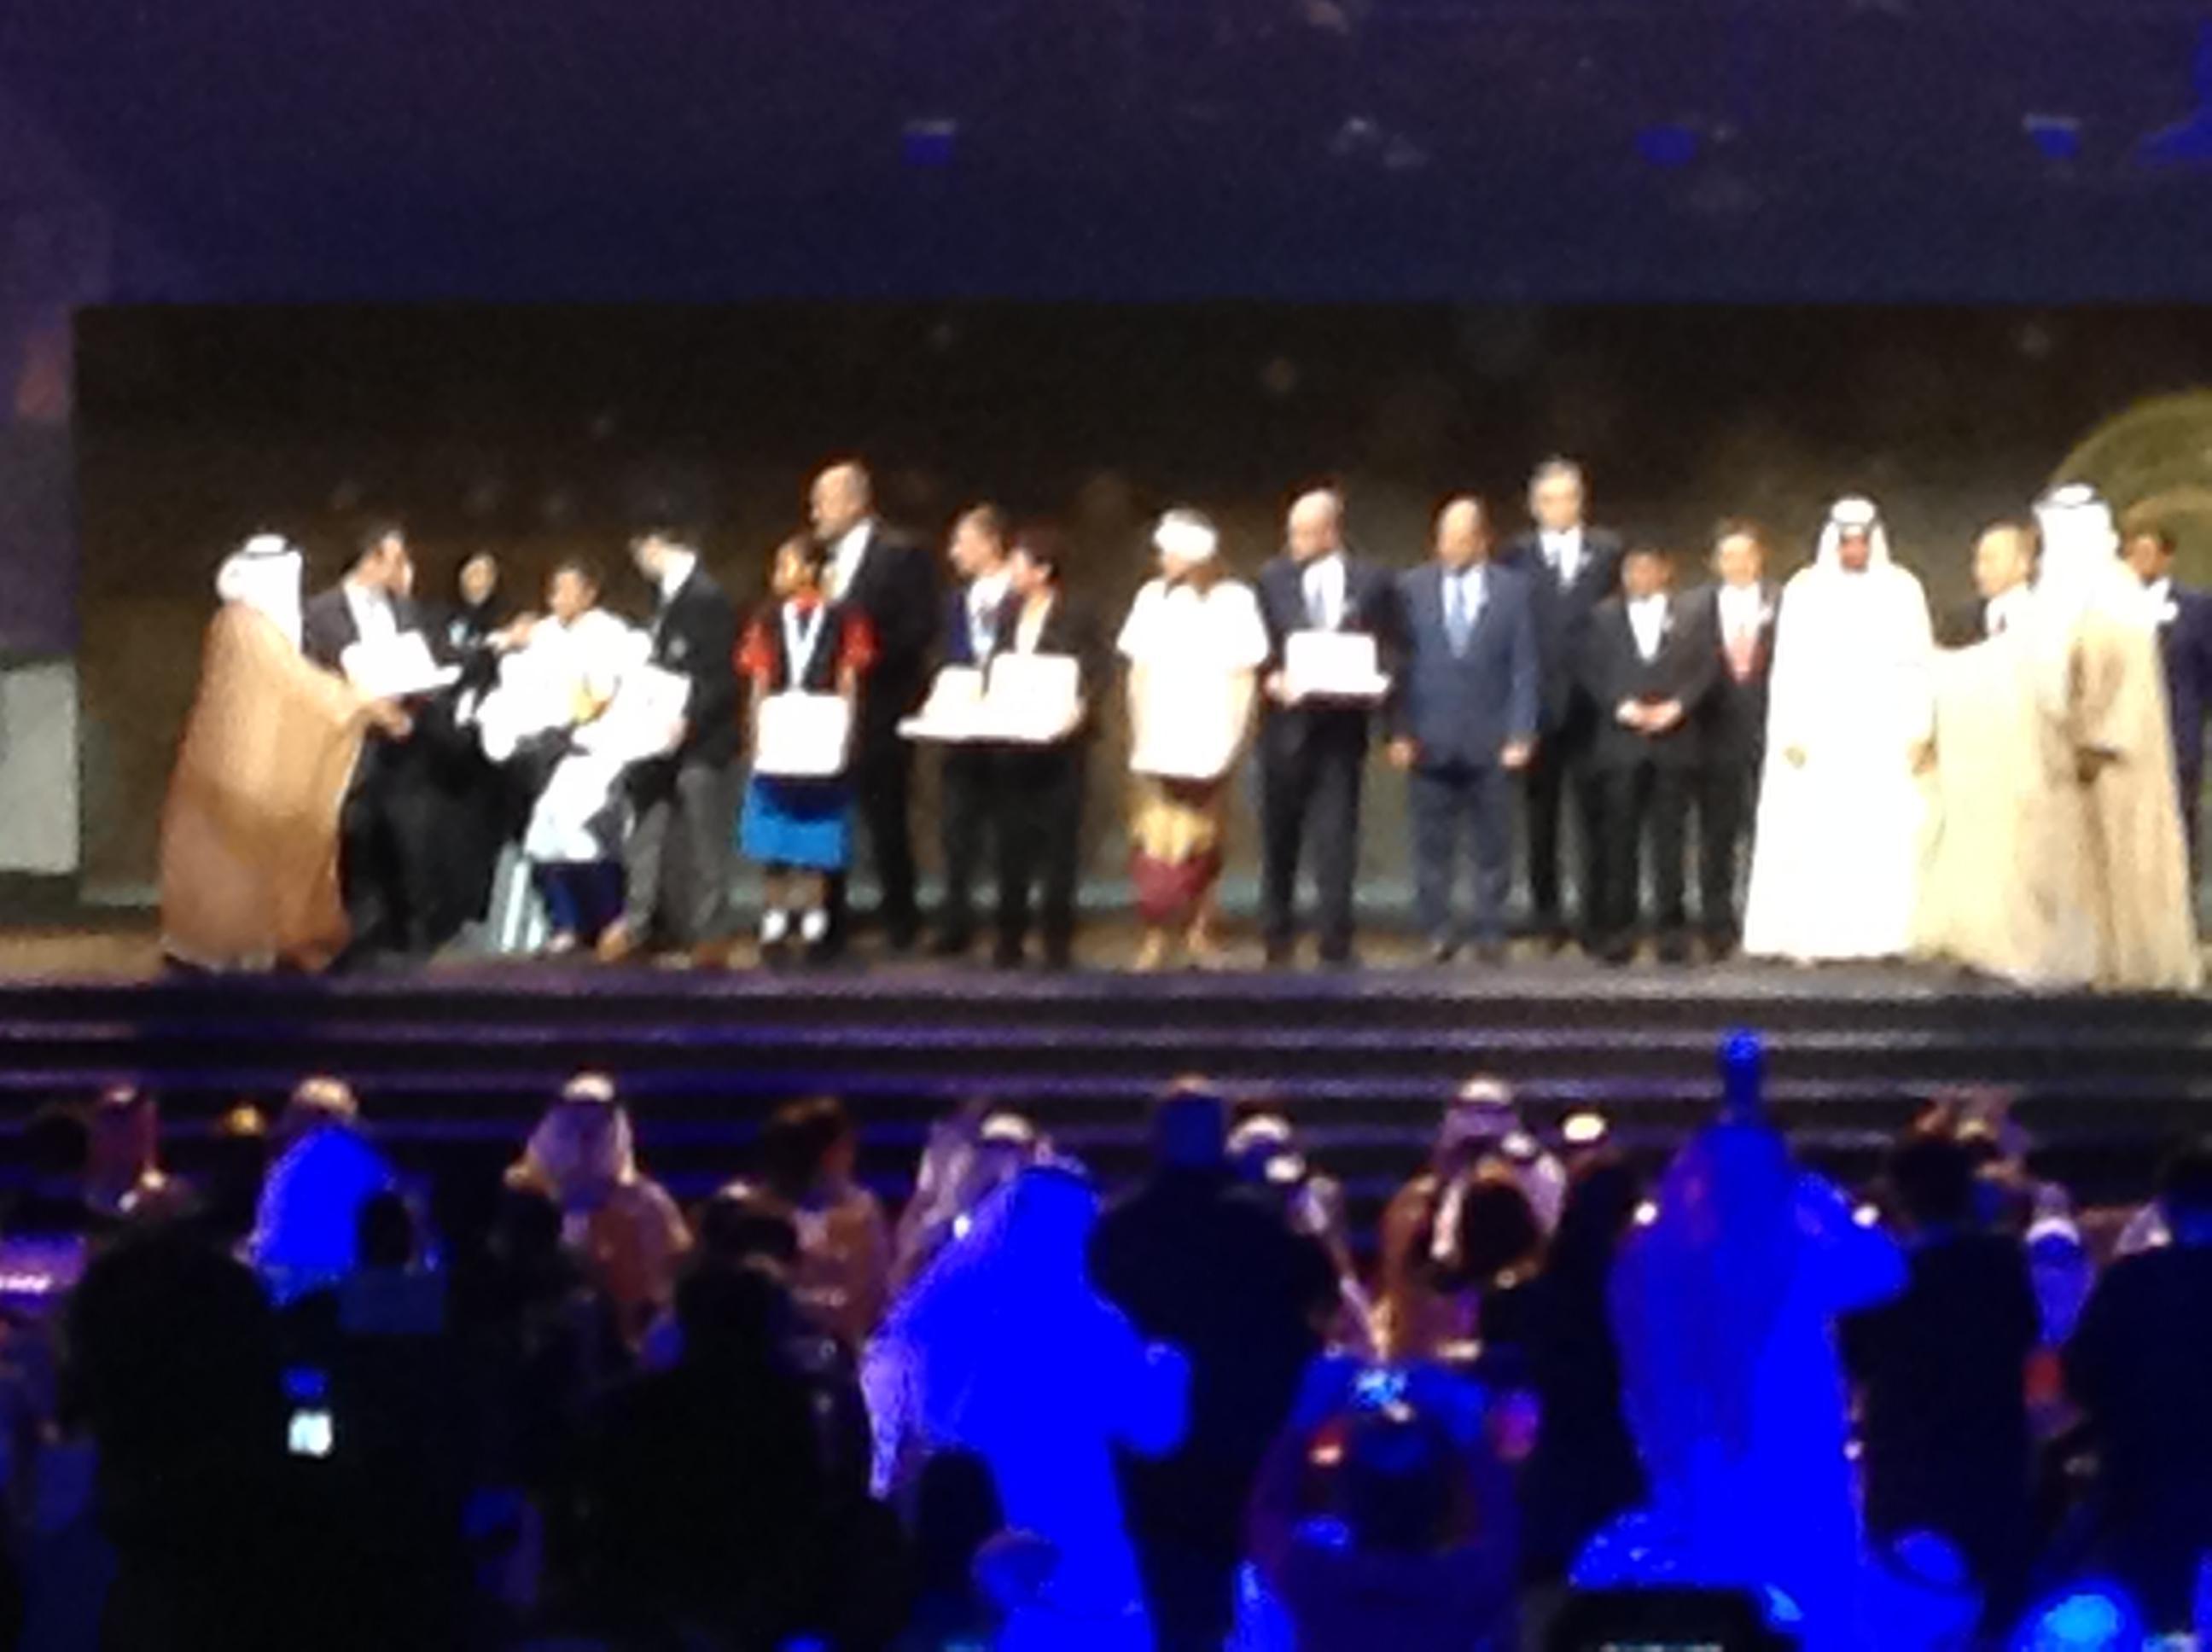 Ceremonie ouverture WFES 2017